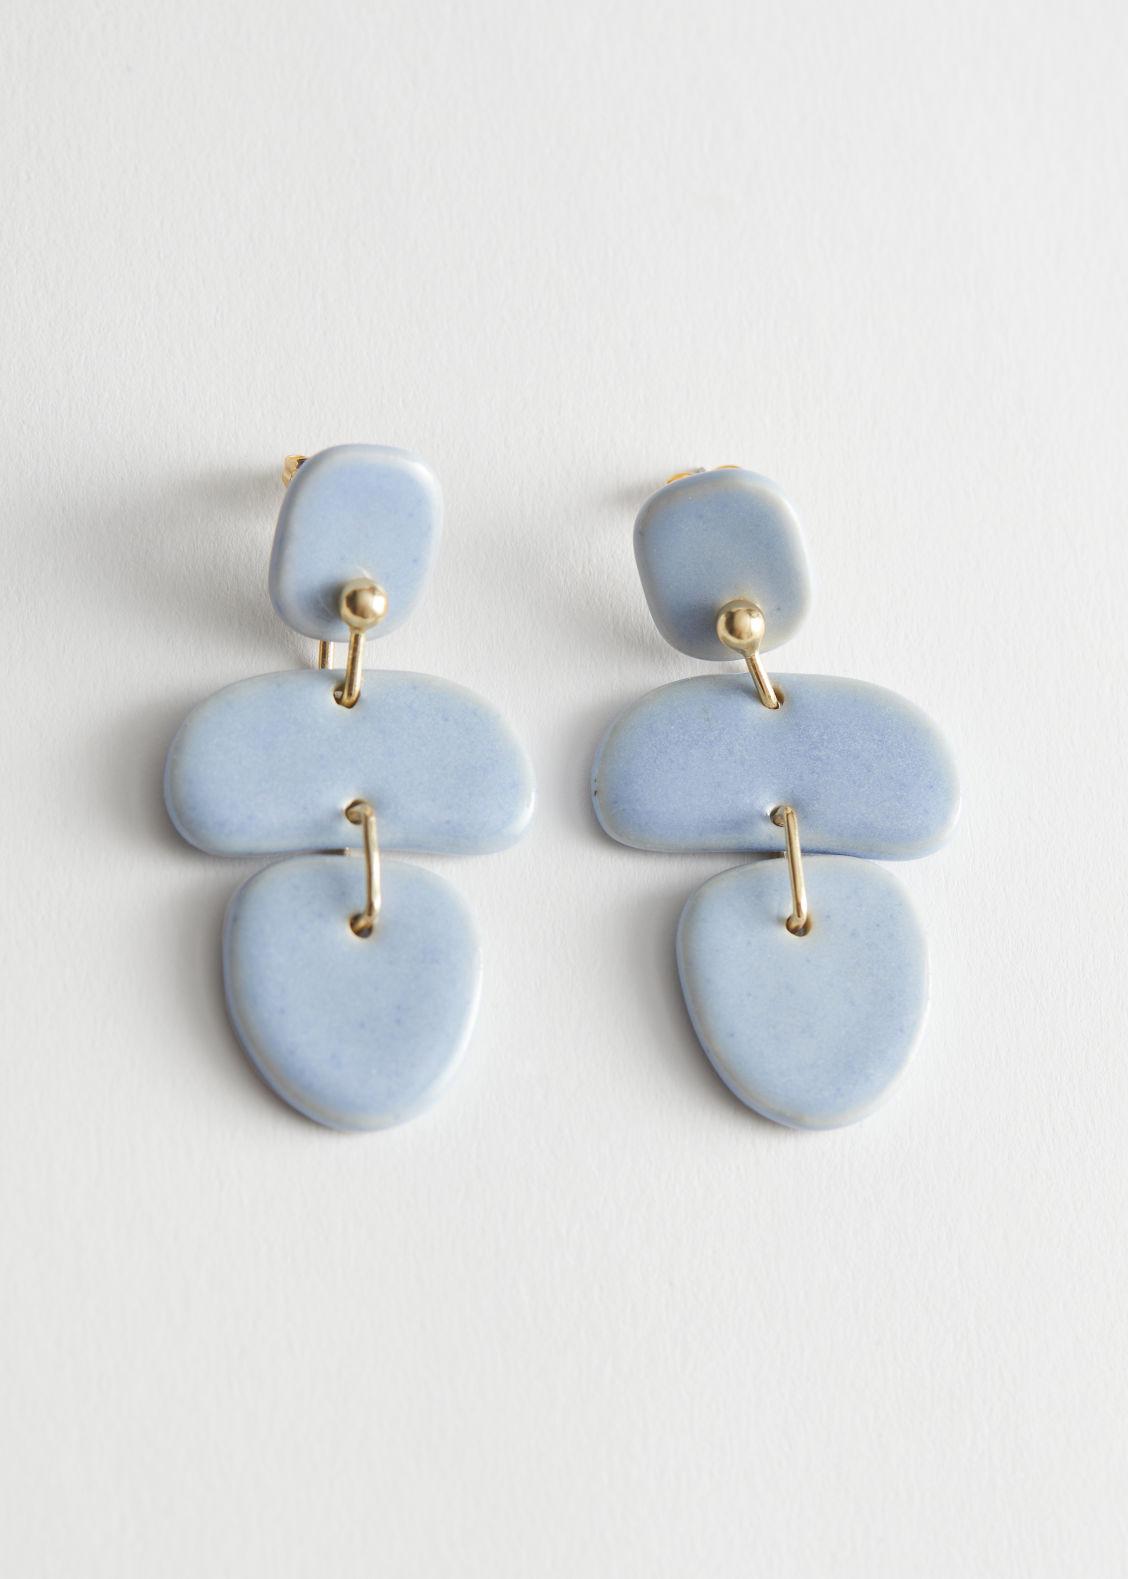 앤 아더 스토리즈 펜던트 귀걸이 & OTHER STORIES Dangling Ceramic Pendant Earrings,Light Blue